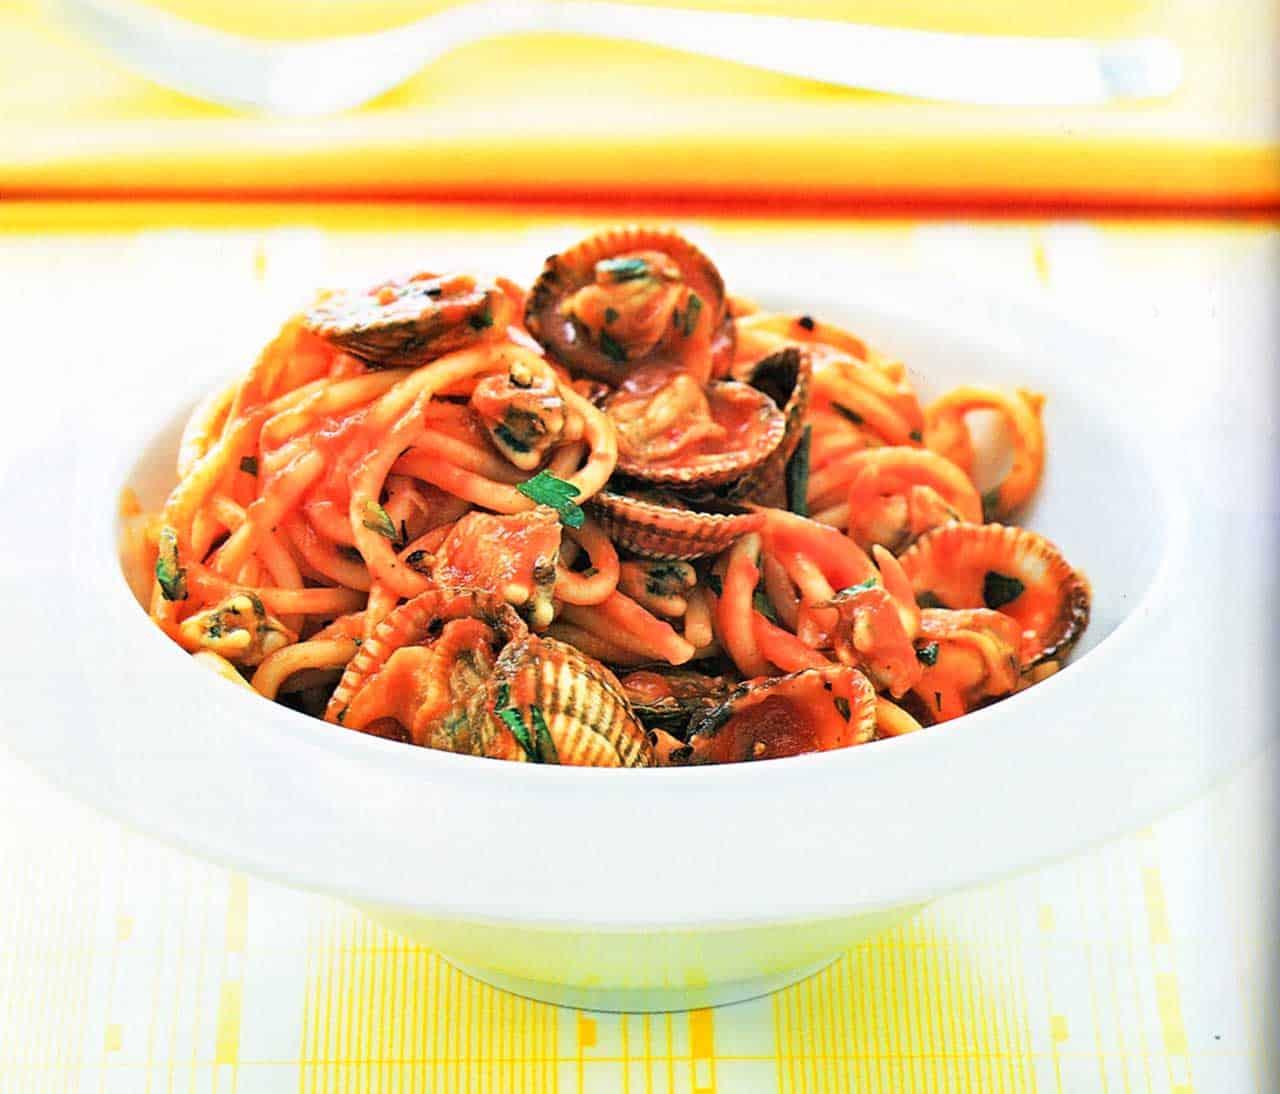 pasta spaghetti vongole-Pasta Vongole Spaghetti Recipe